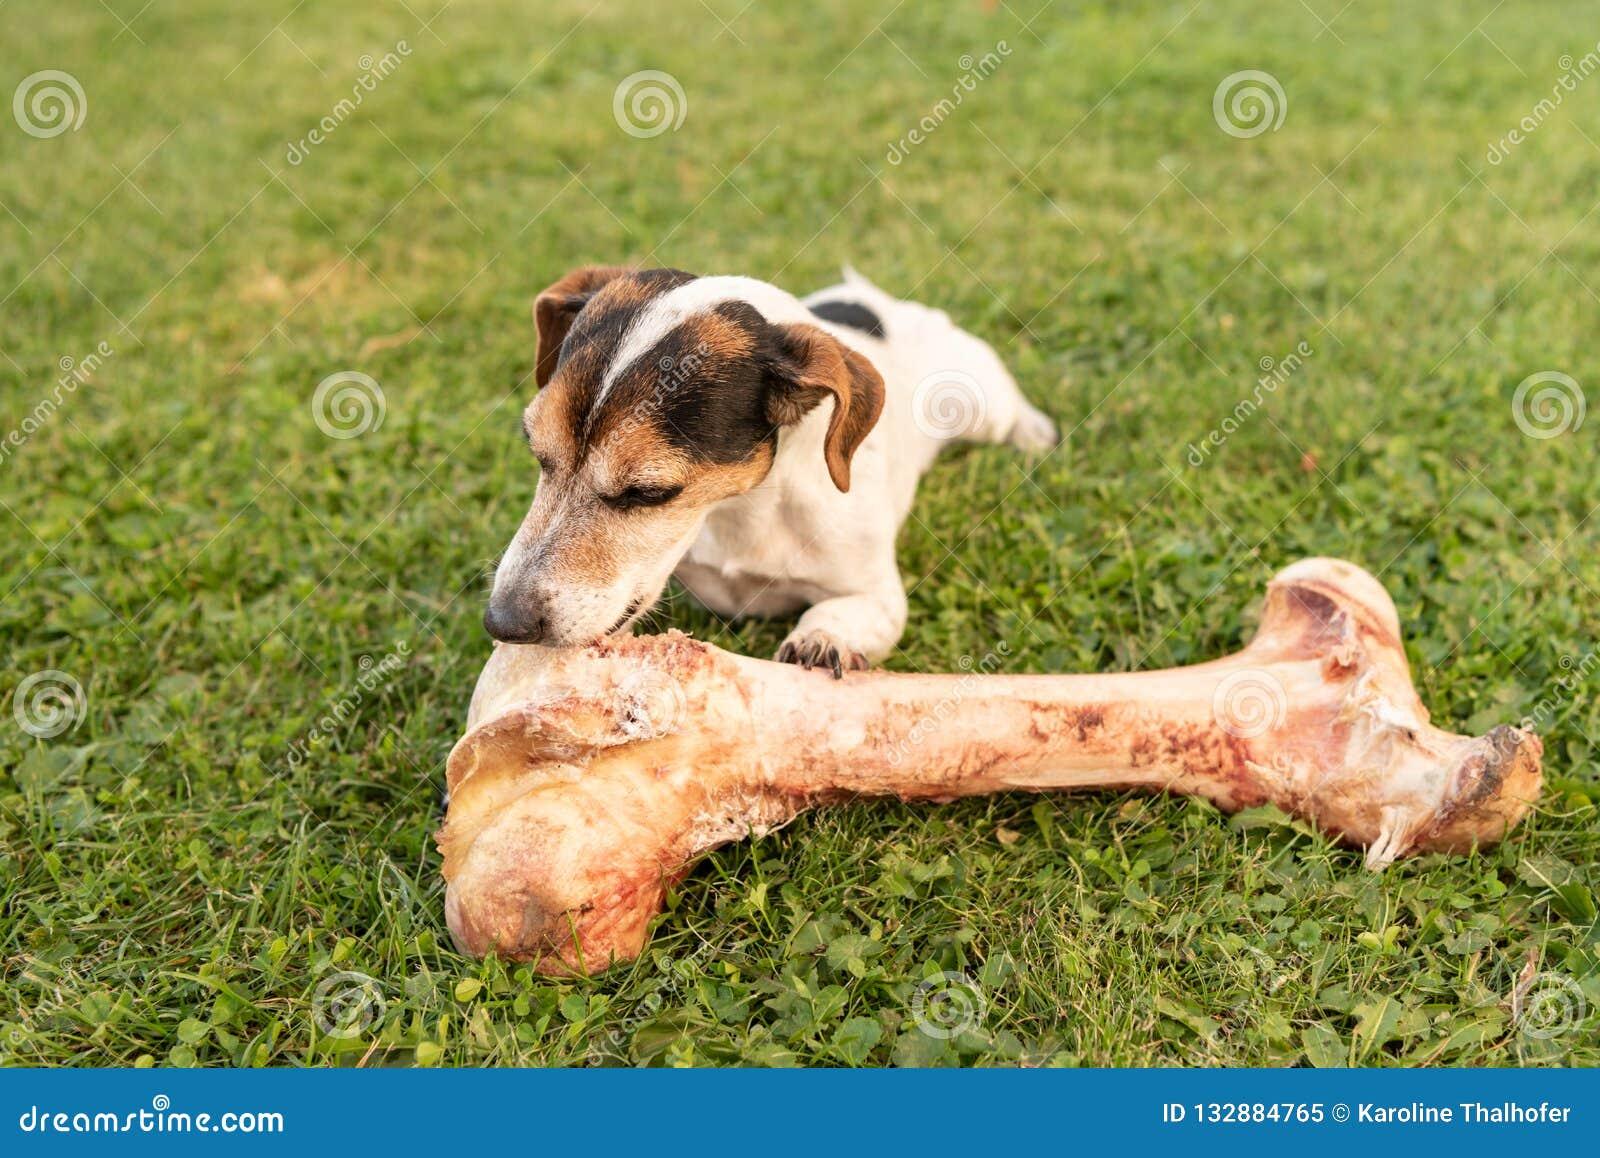 O cão come um osso grande